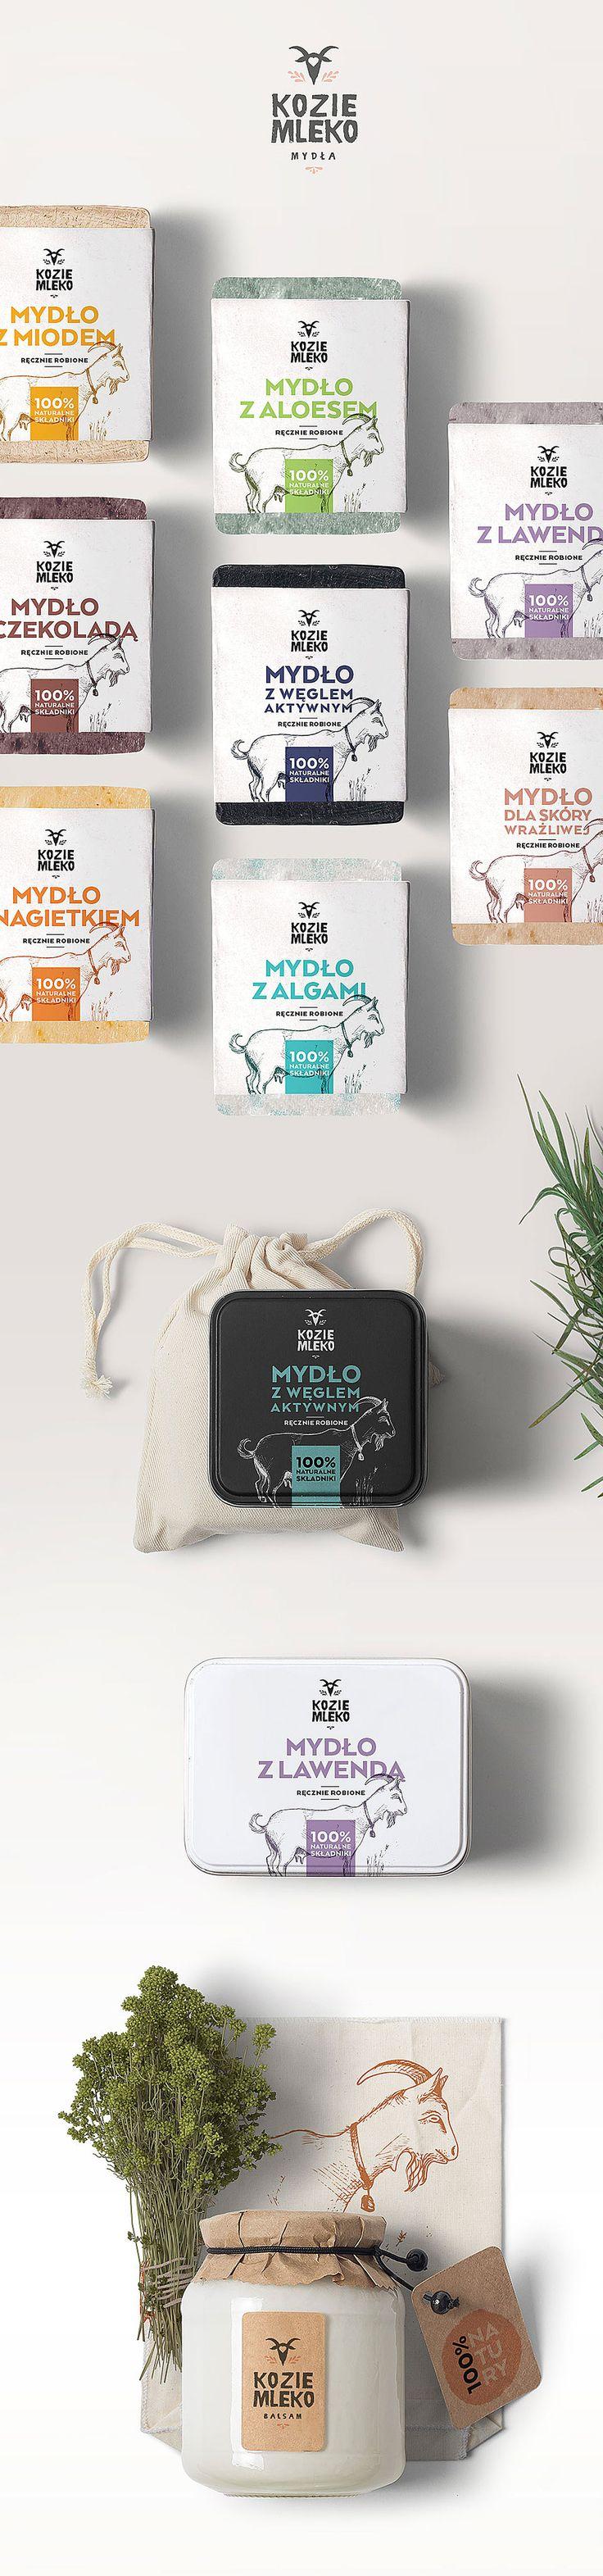 KOZIE MLEKO / GOAT MILK branding and packaging on Behance